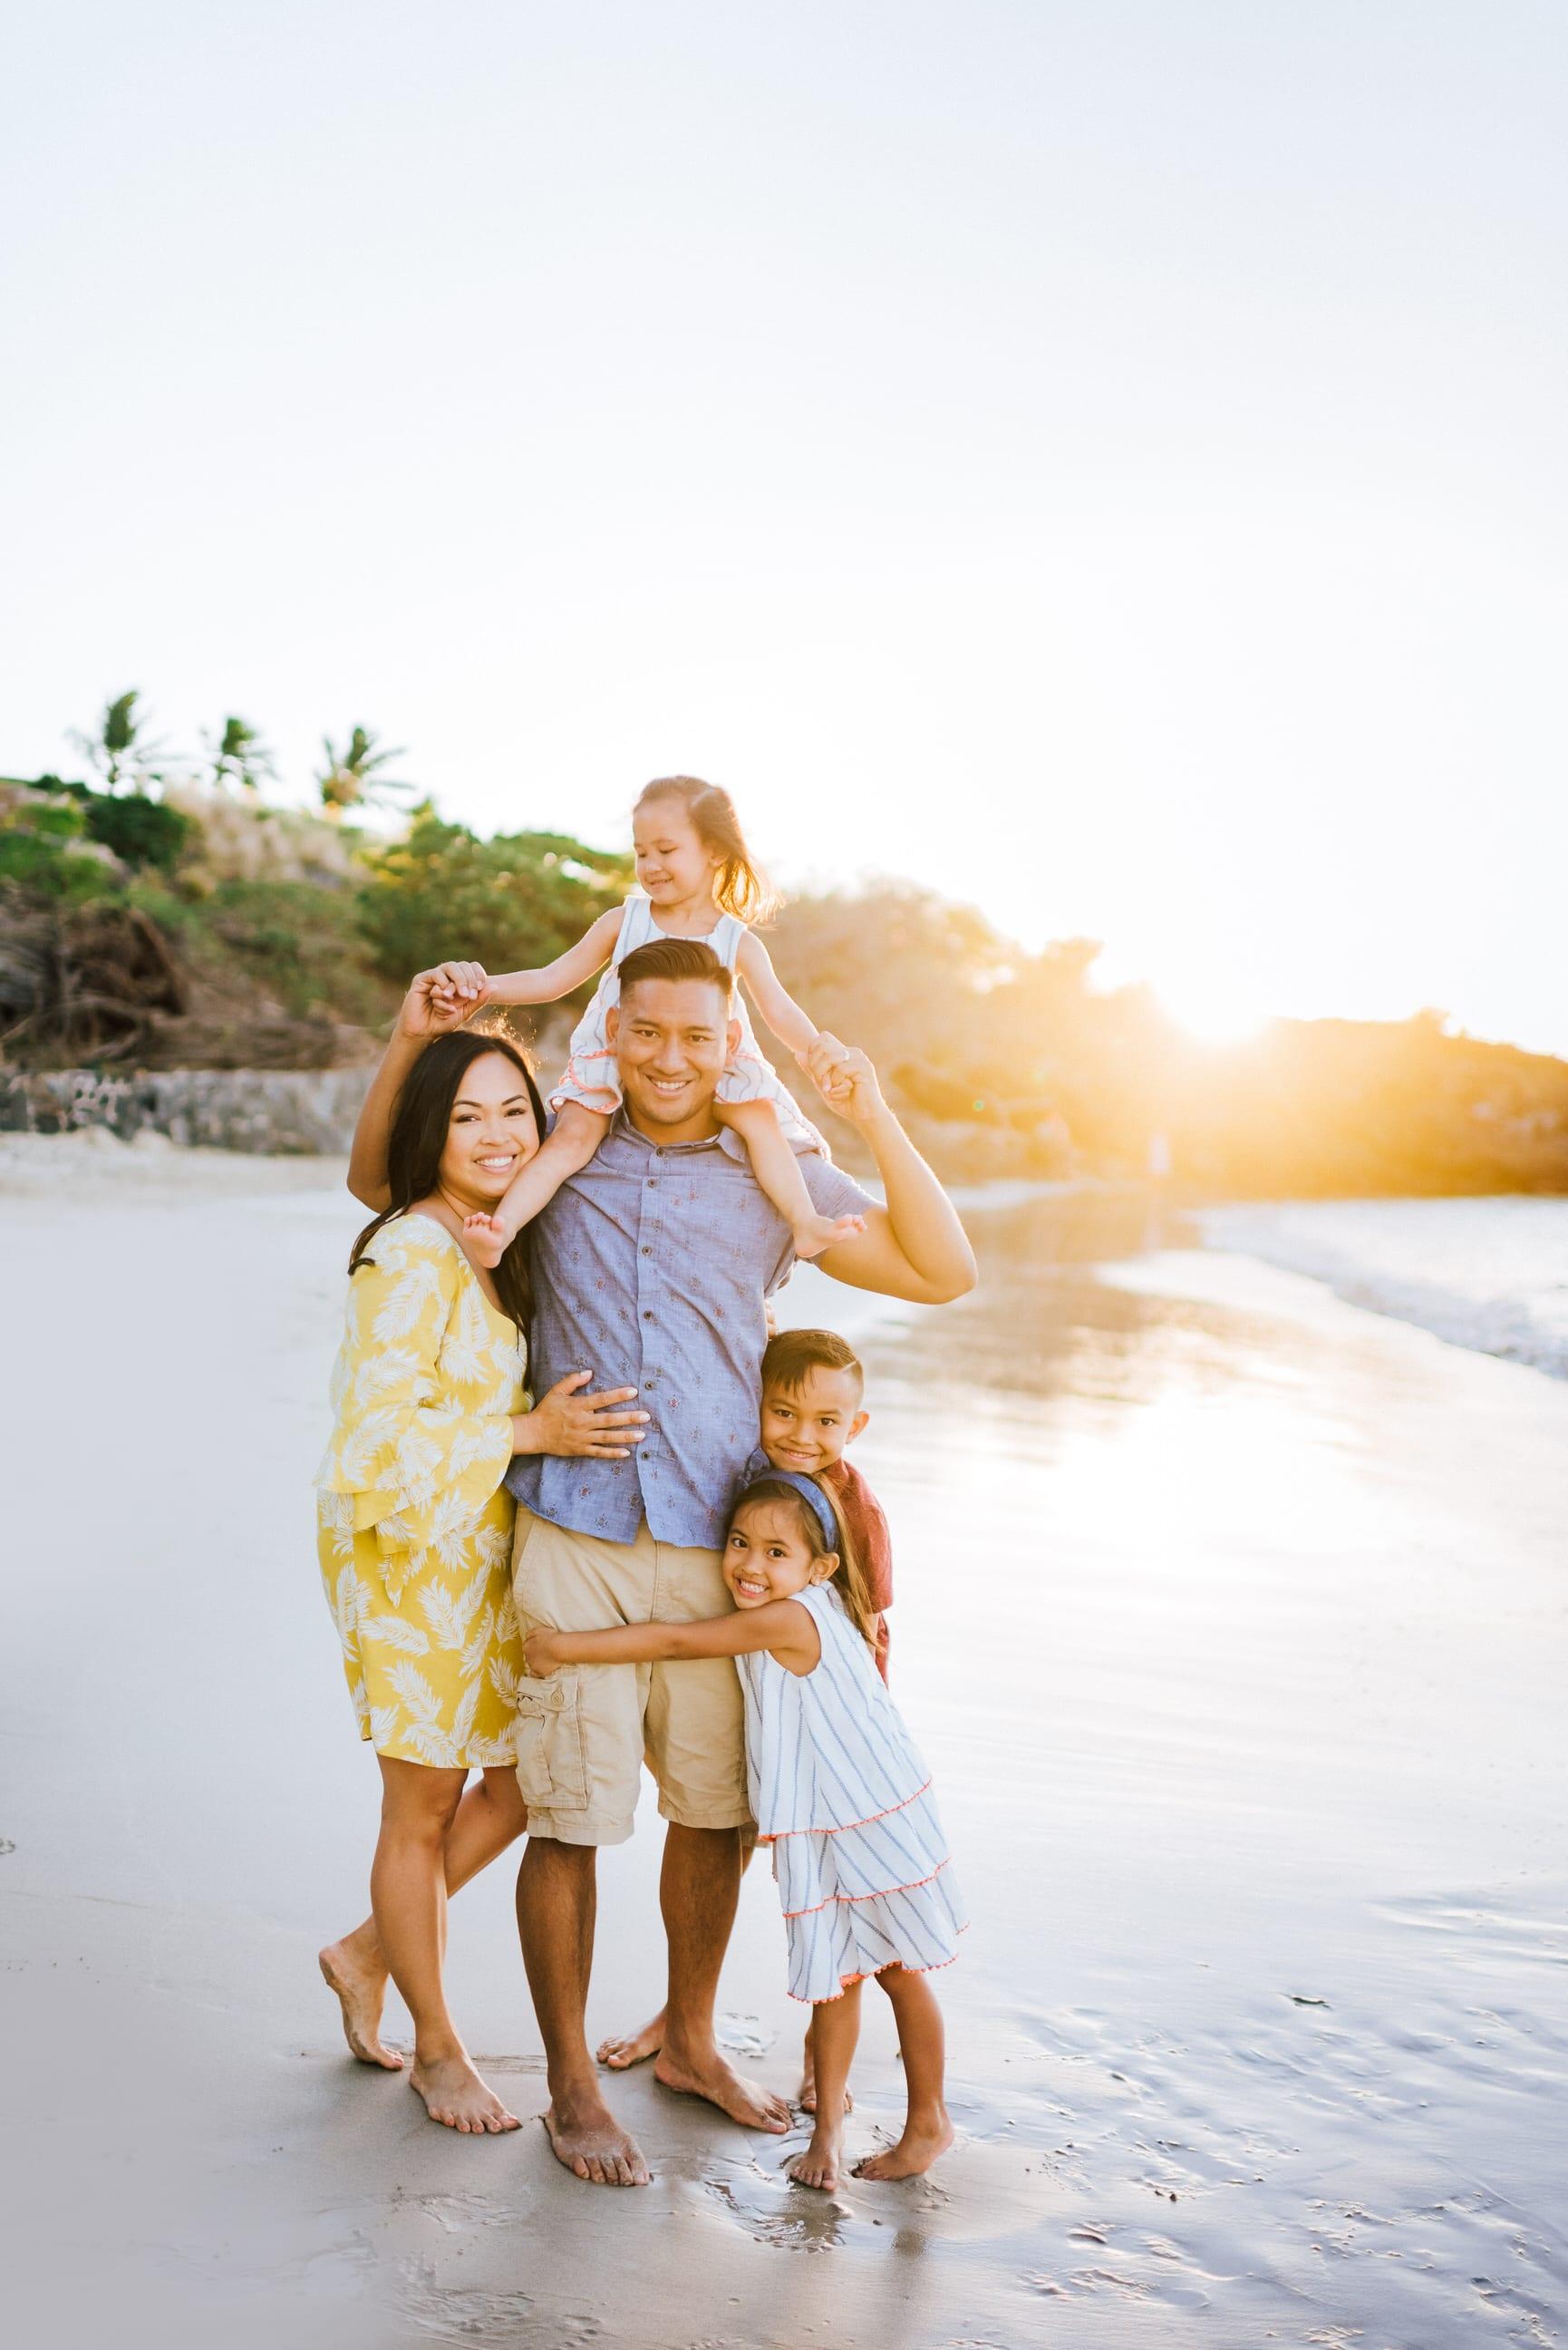 Mauna-Kea-Family-Photographer-Hawaii-Sunset-17.jpg